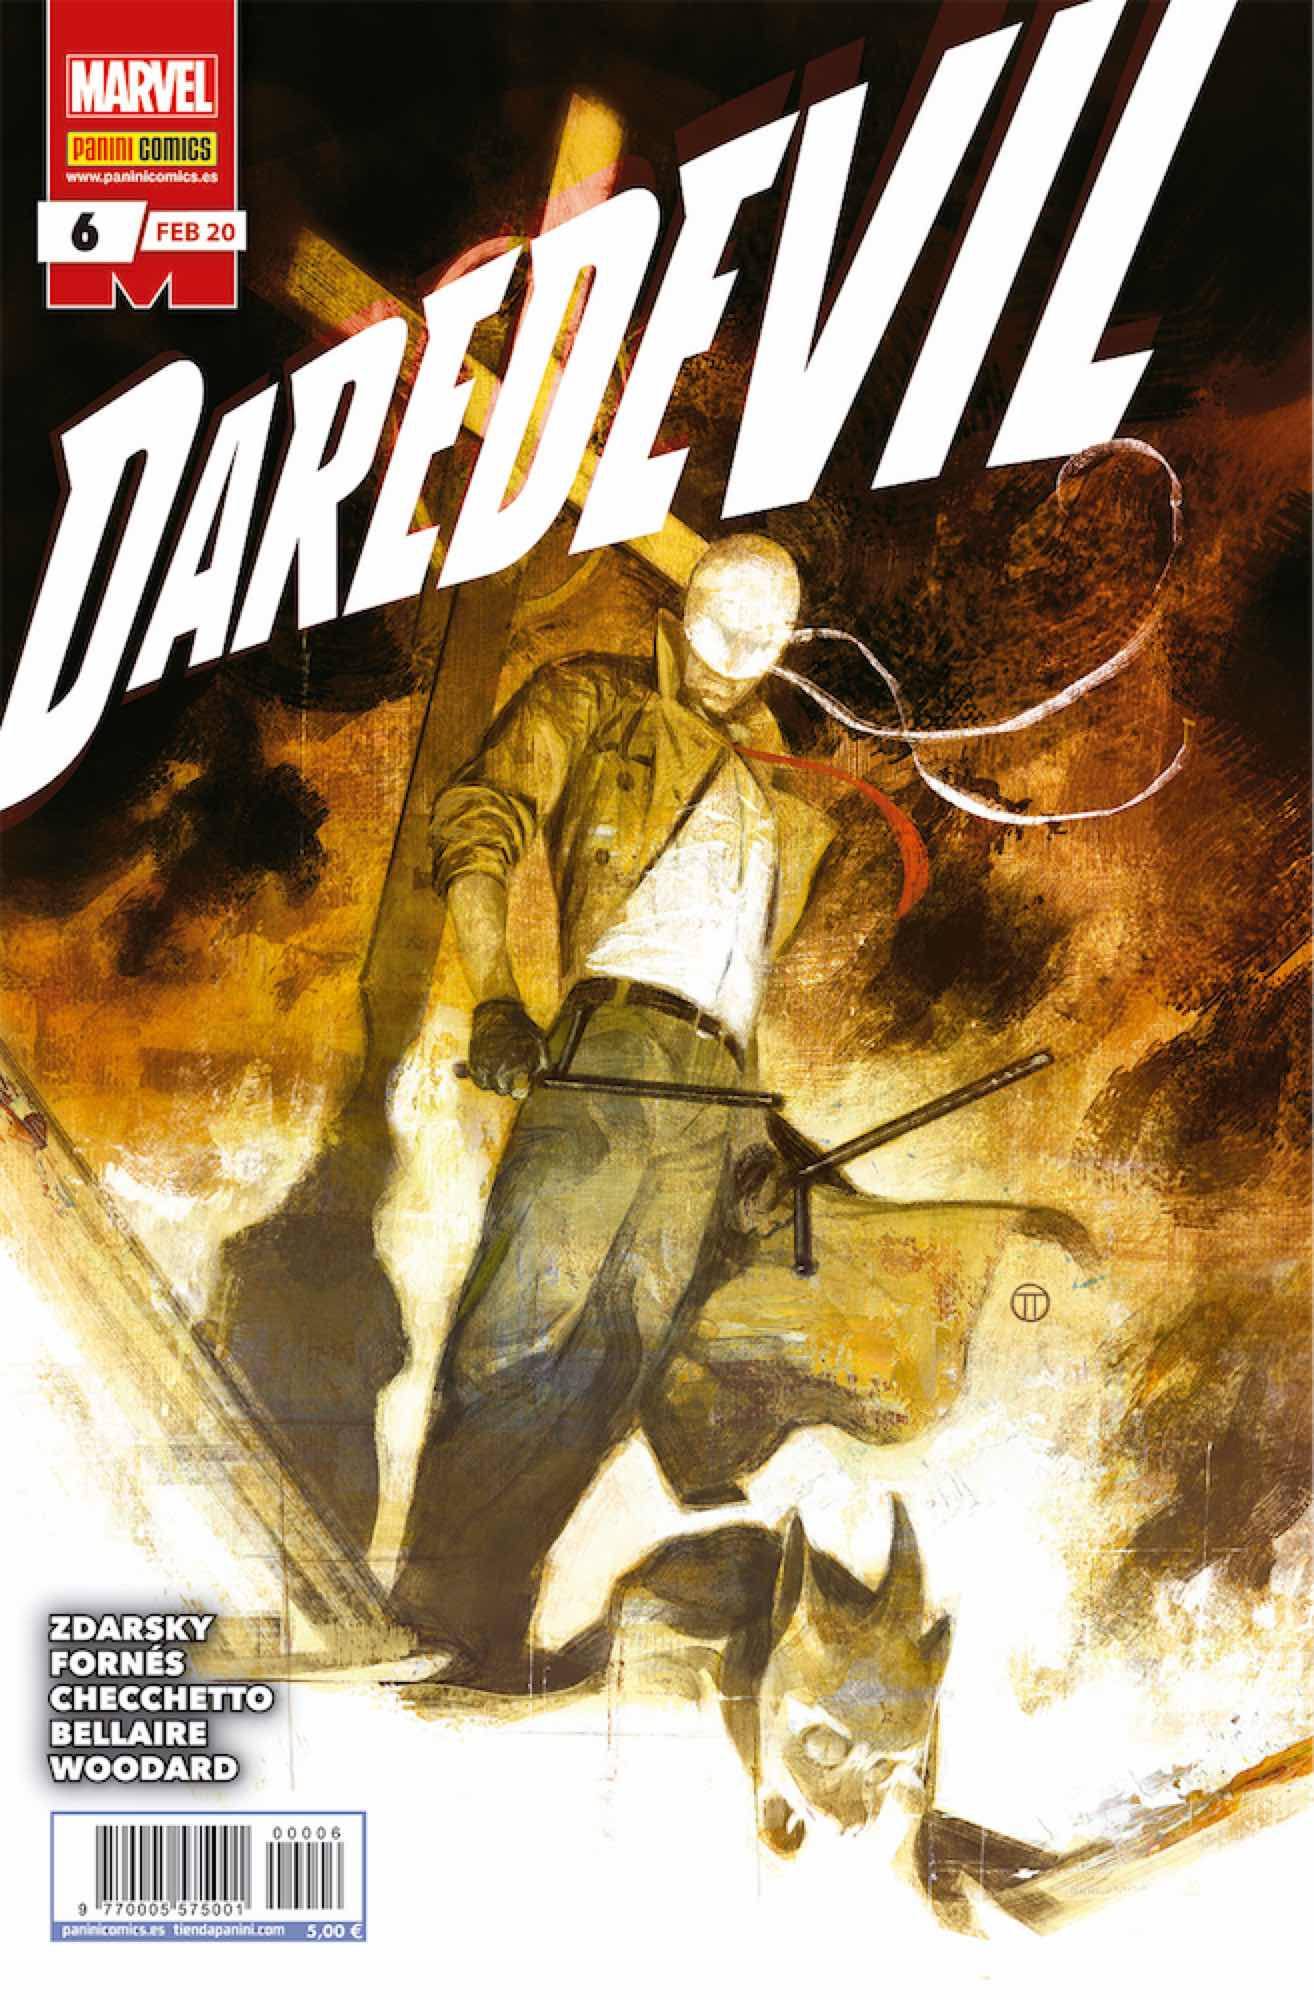 DAREDEVIL 07